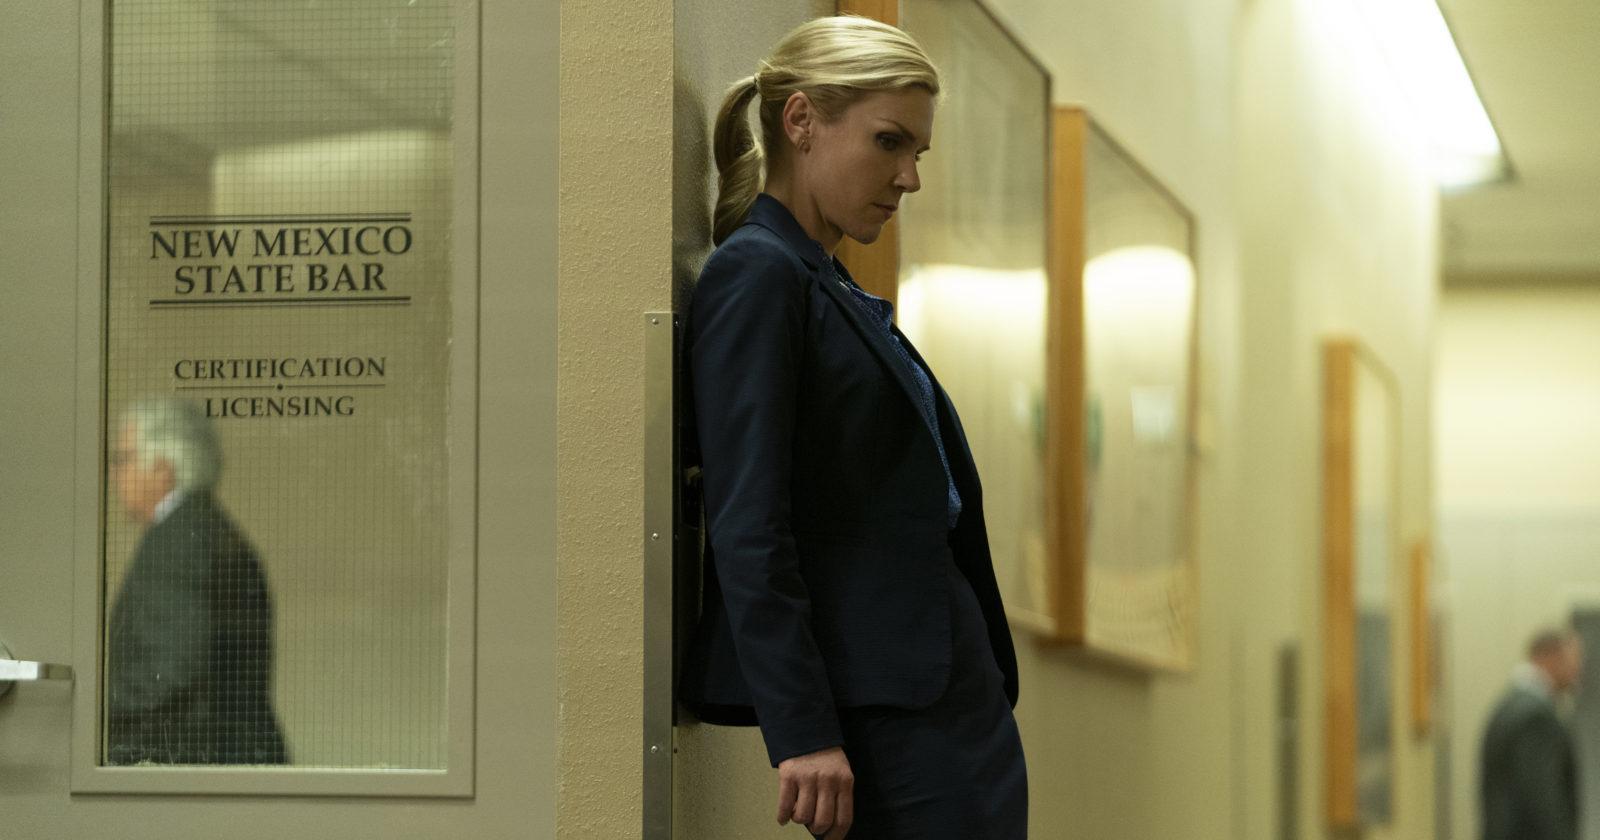 Kim Wexler (Rhea Seehorn) pensativa en una puerta del juzgado de Nuevo México.